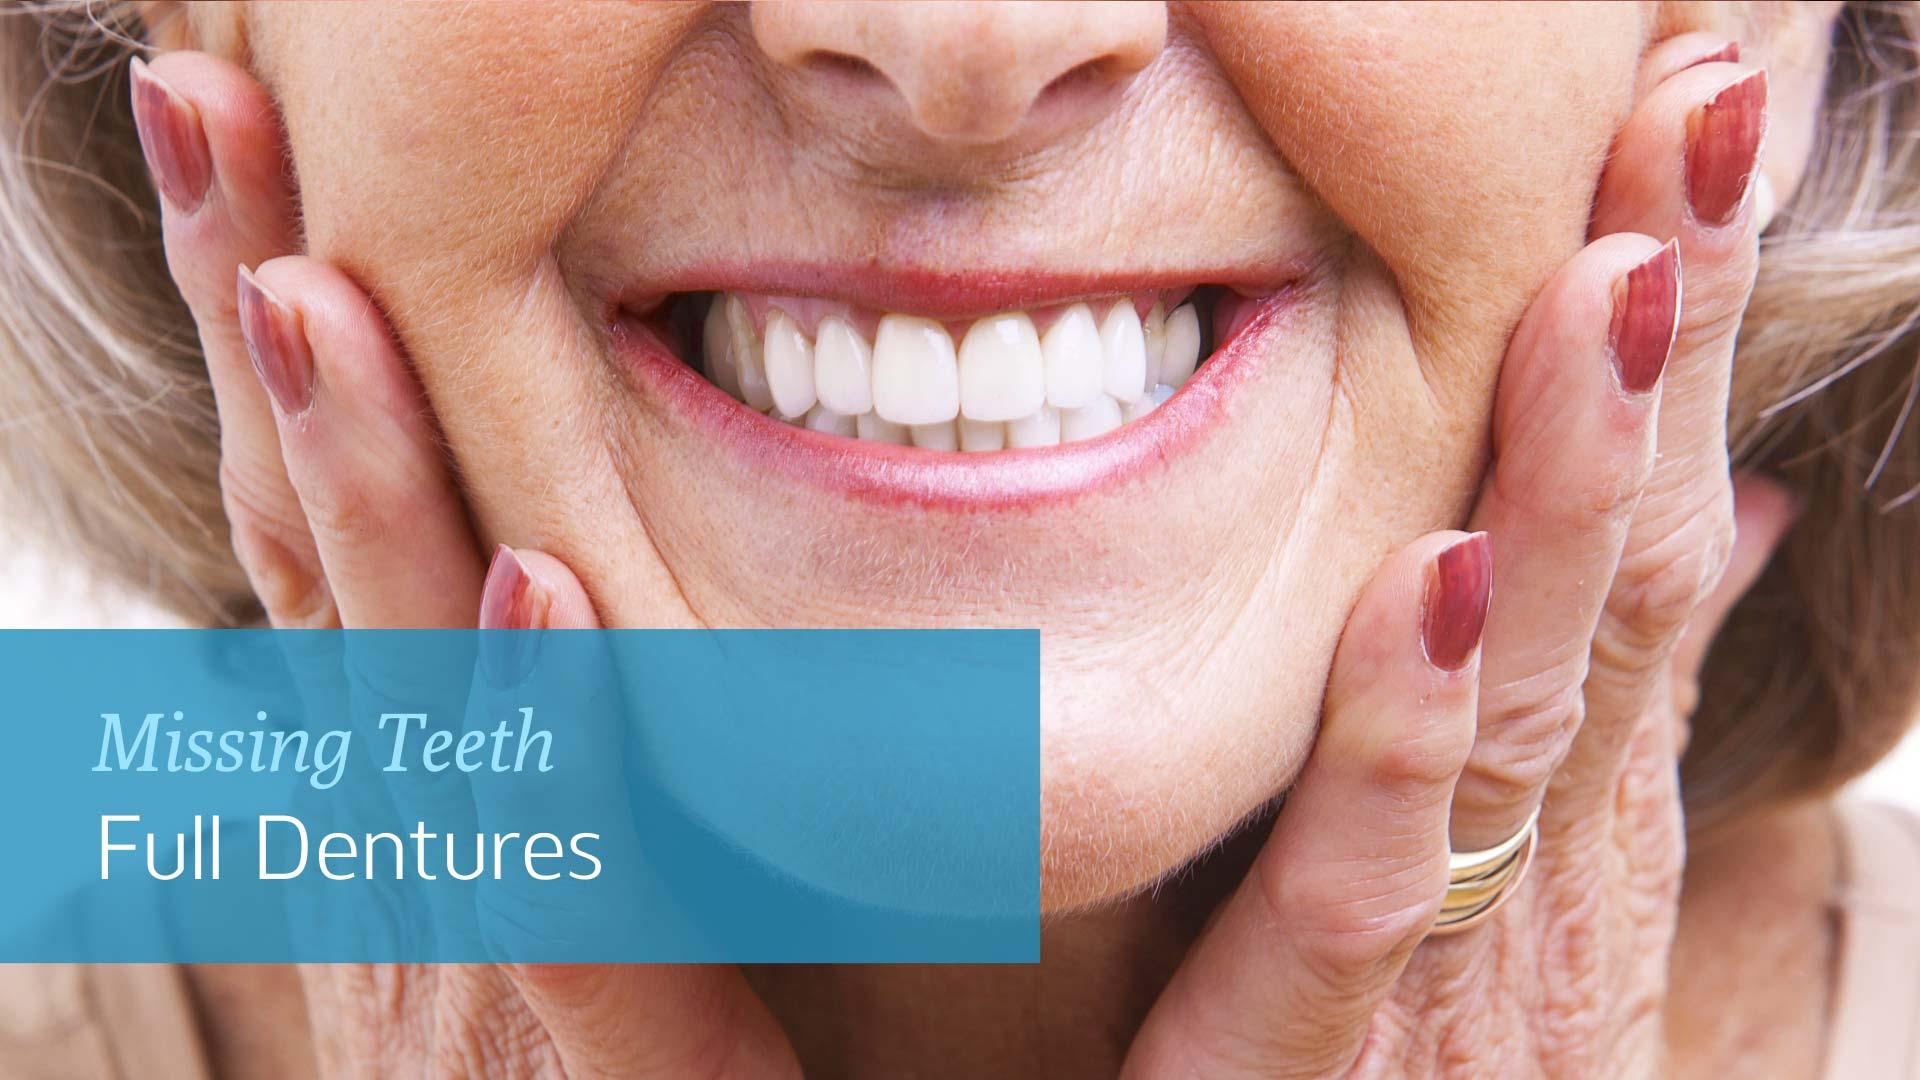 Missing Teeth: Full Dentures